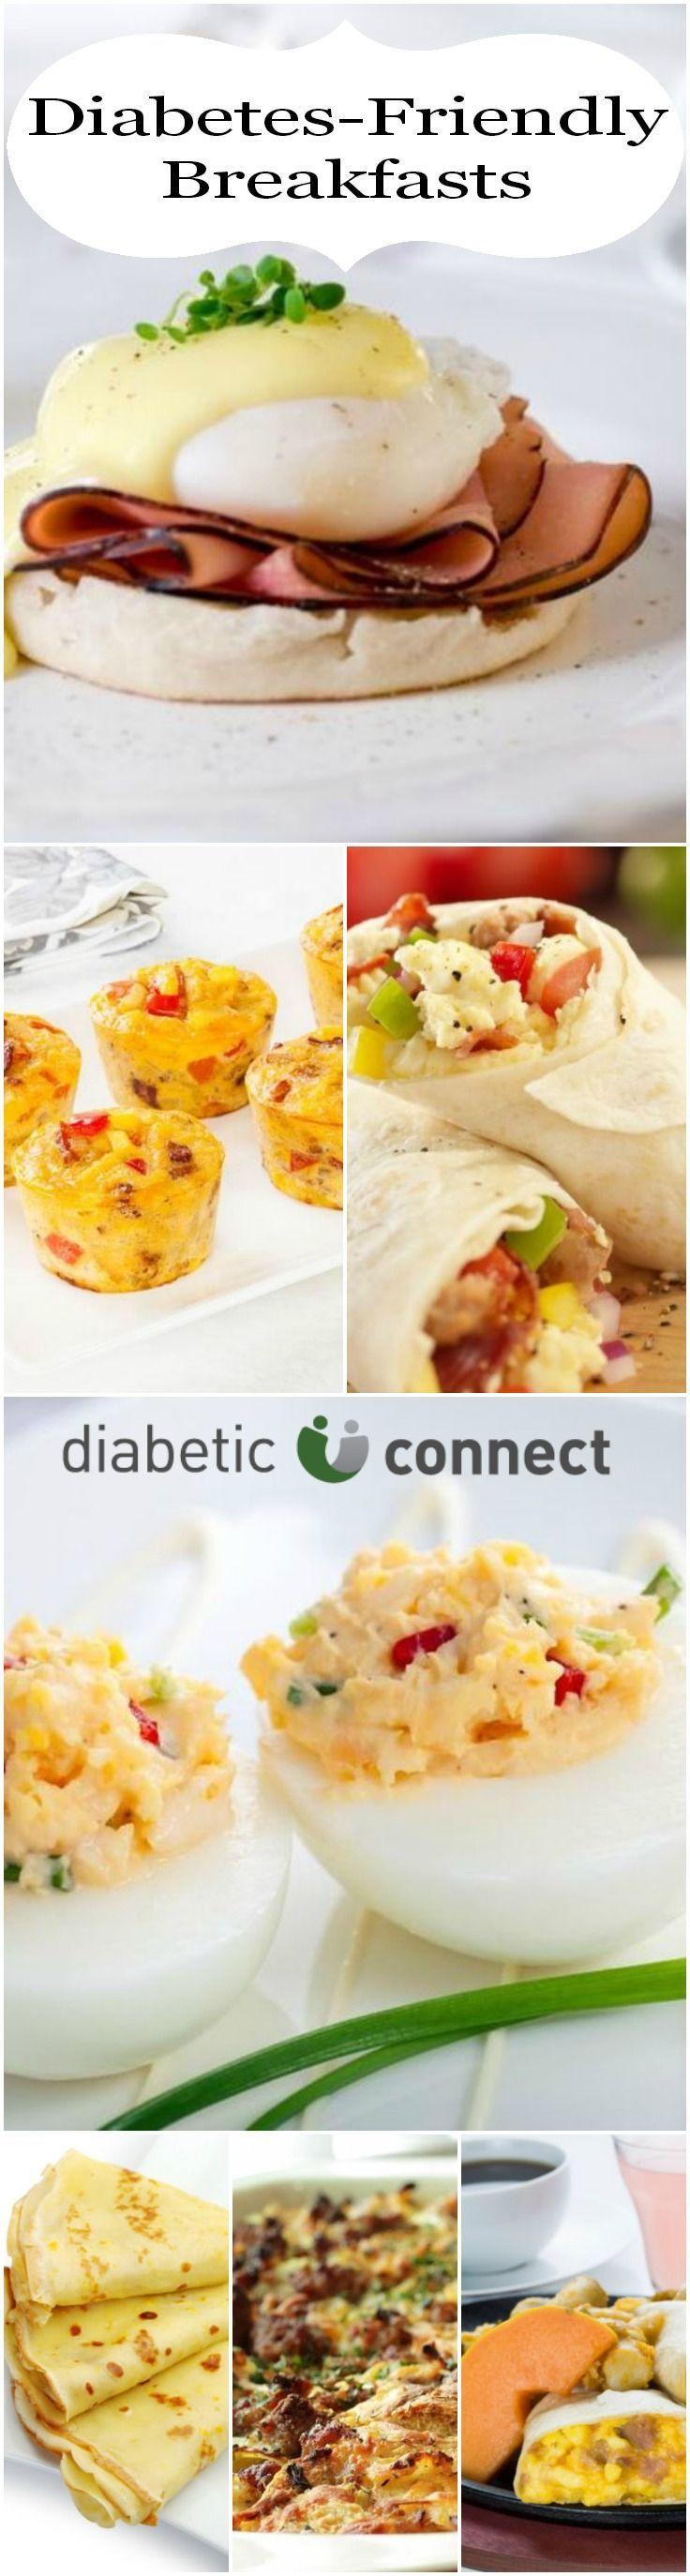 Diabetes Recipes Breakfast  Diabetic breakfast ideas